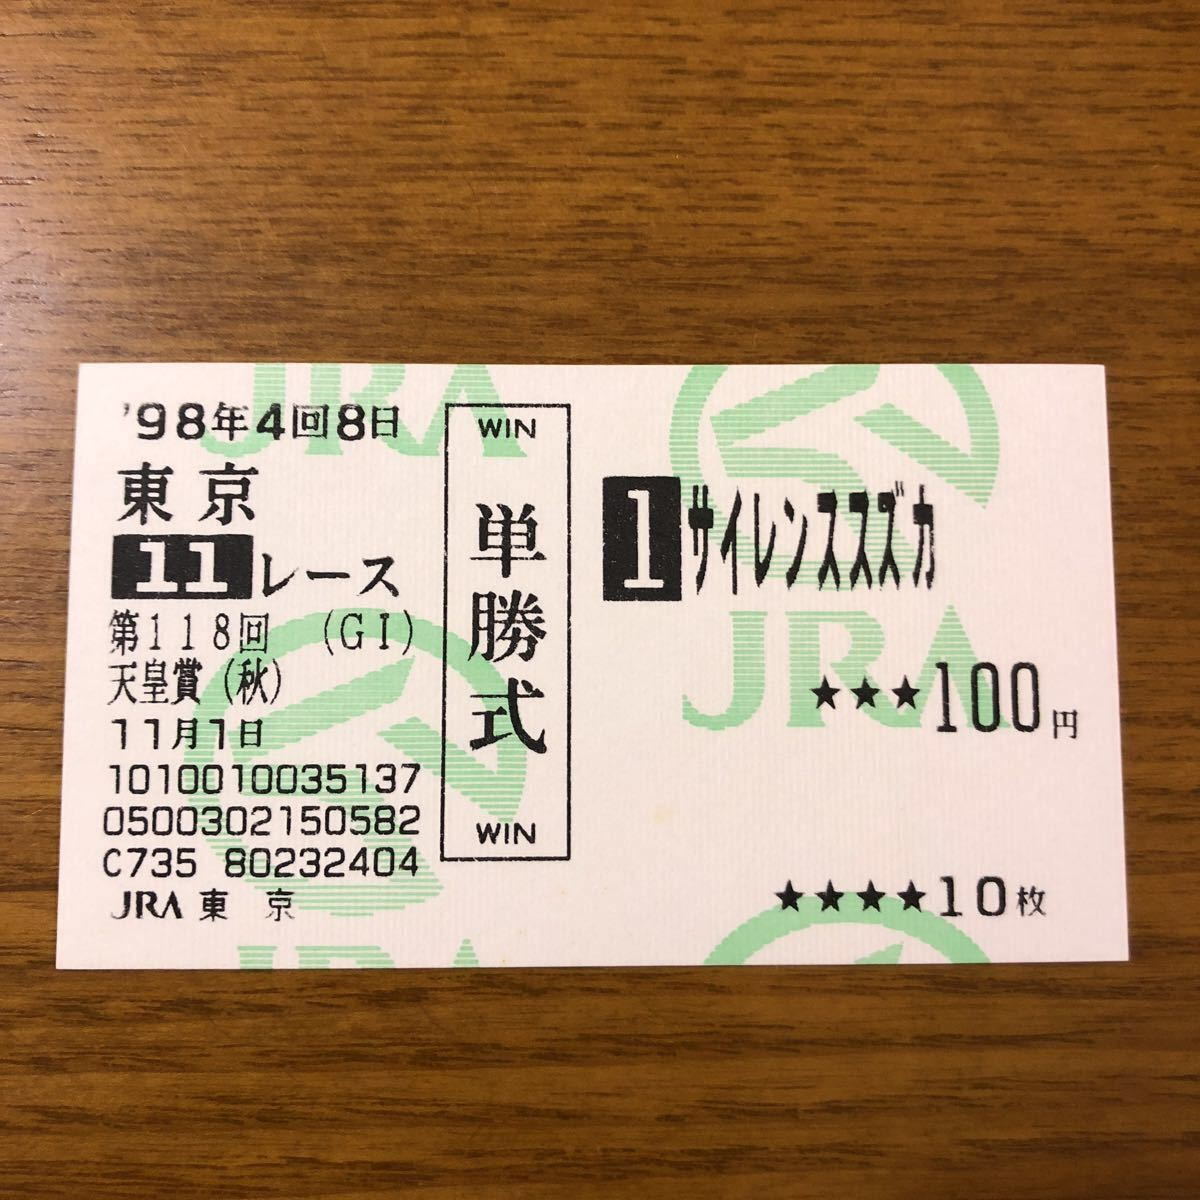 【希少品】サイレンススズカ 1998年 天皇賞・秋 東京(現地)購入 単勝馬券